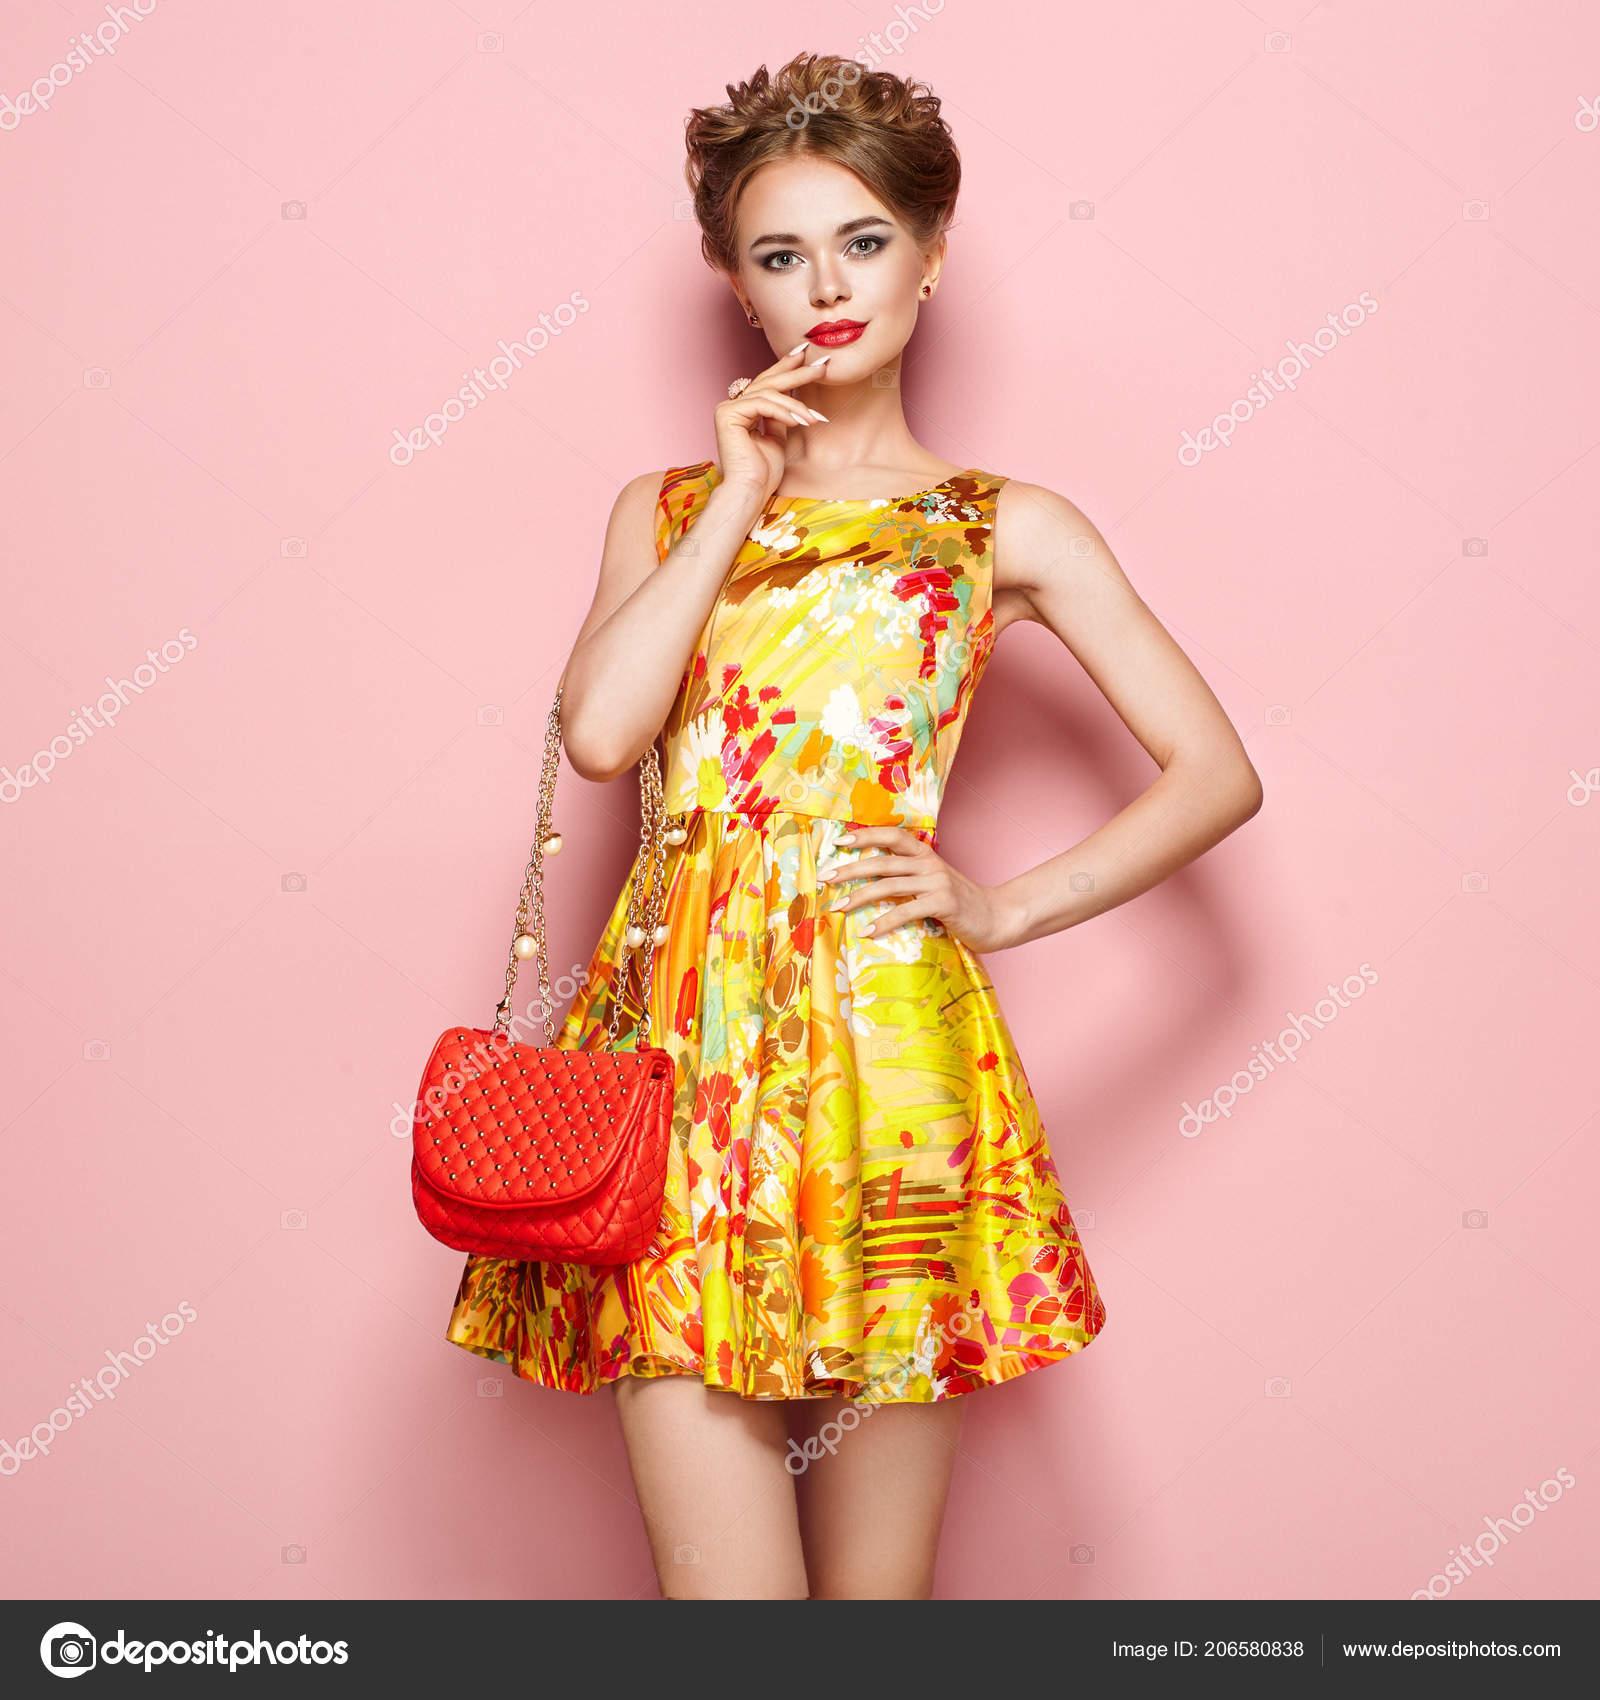 de traje vestido con fondo mujer Retrato Modelo posando de primavera un en flores moda estilo de de en verano de joven de Chica en rosa mujer wxnSOYx6qU